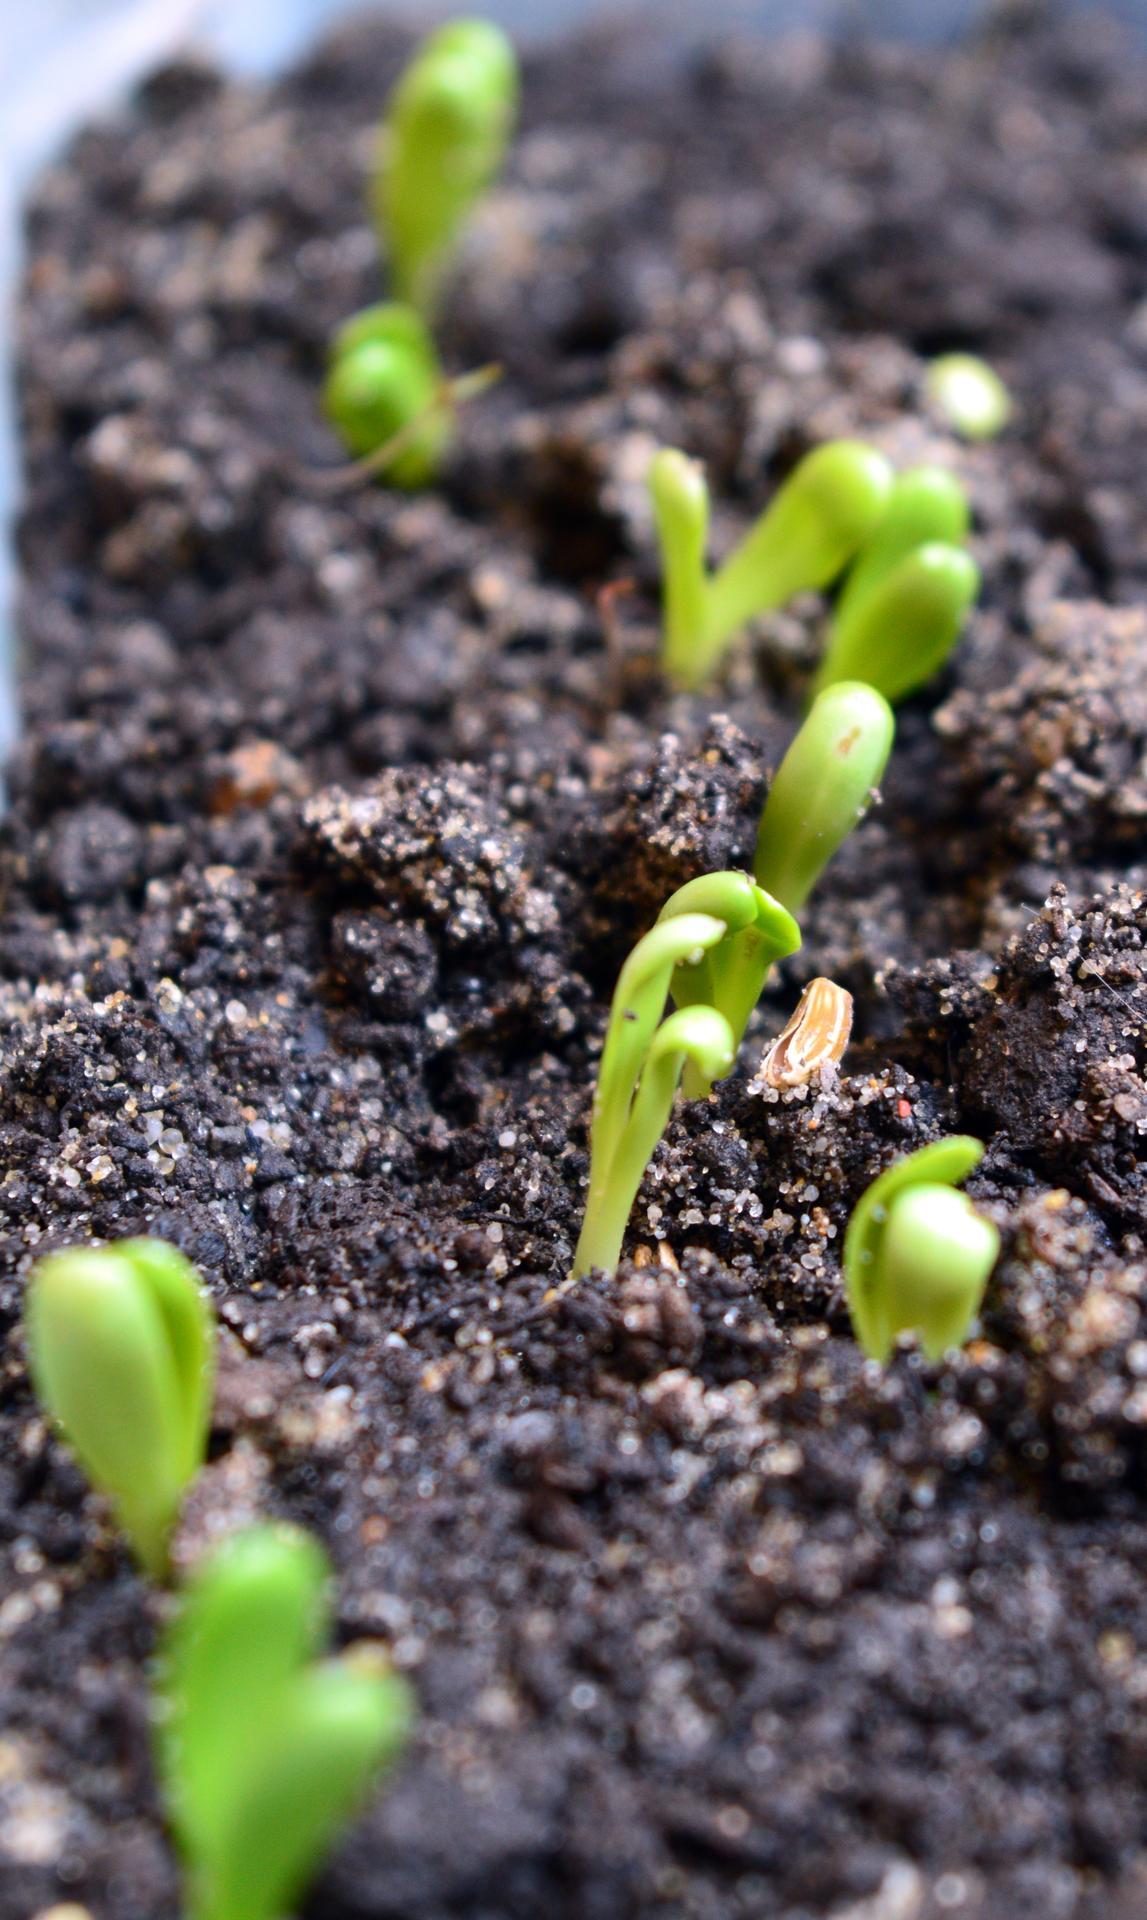 Naša prírodná perma záhradka v roku 2021 - 3/2021 - siala som približne 25 rôznych druhov